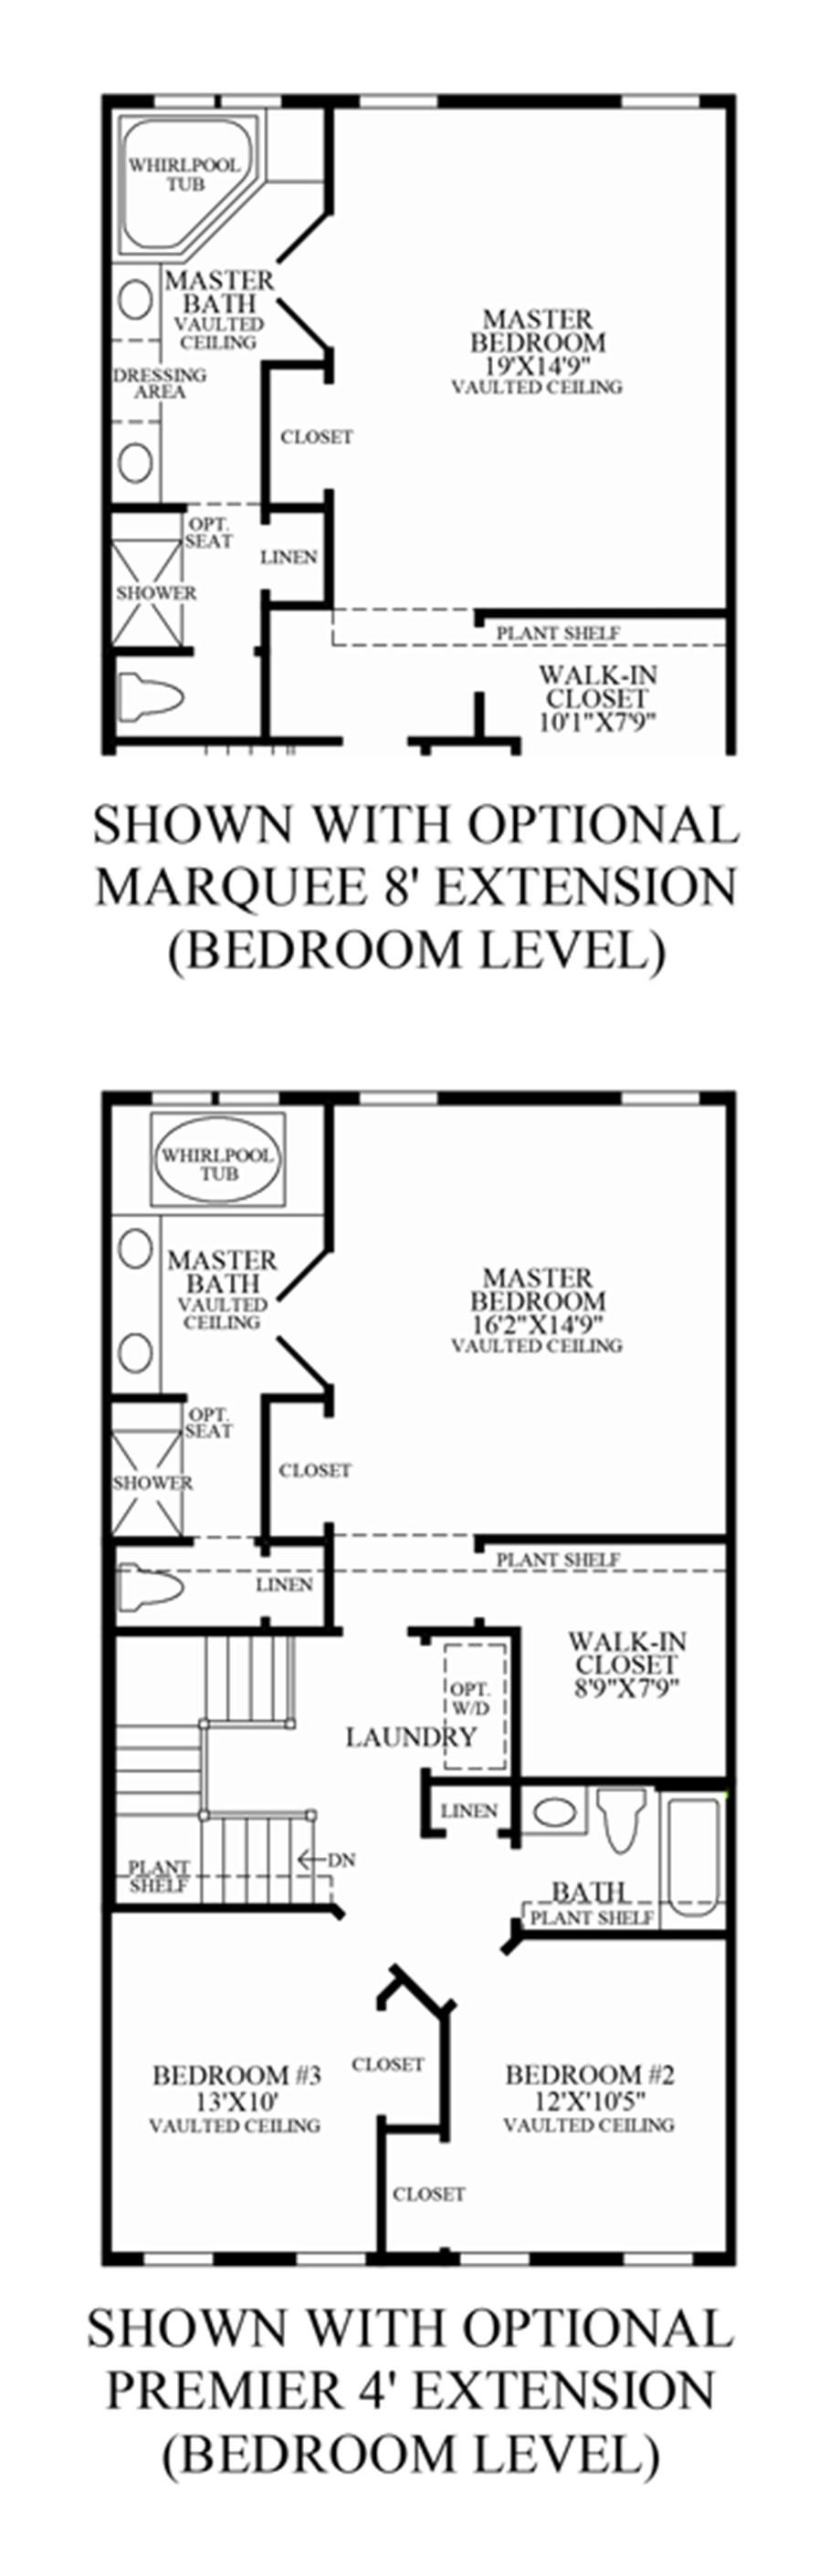 Optional Extensions Bedroom Level Floor Plan